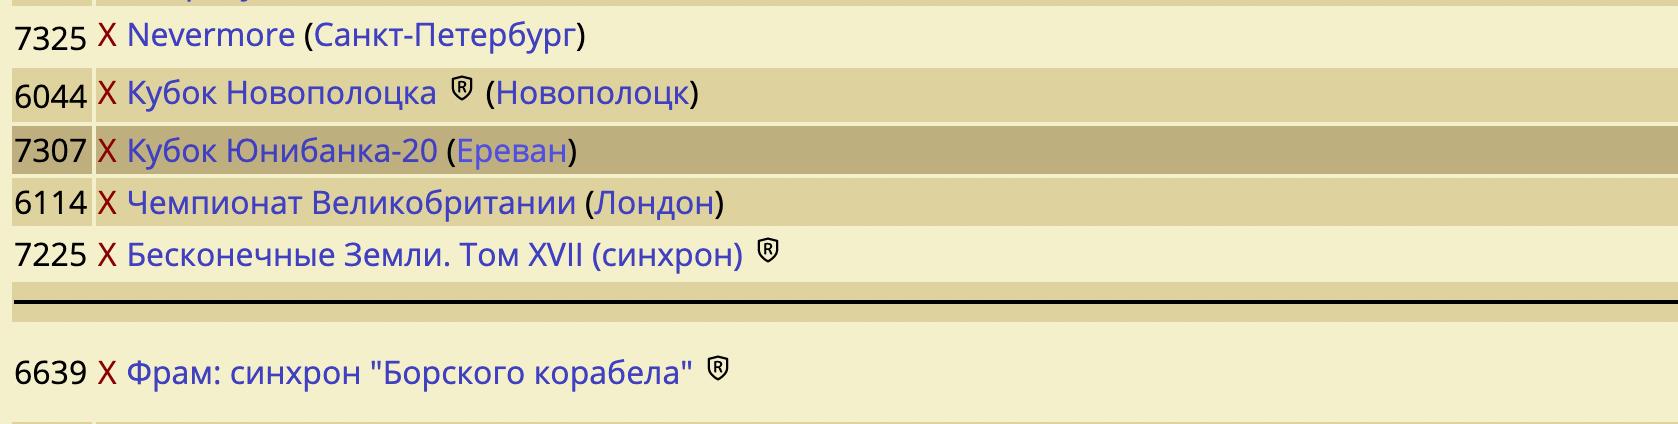 Screenshot 2021-09-06 at 11.18.36.png